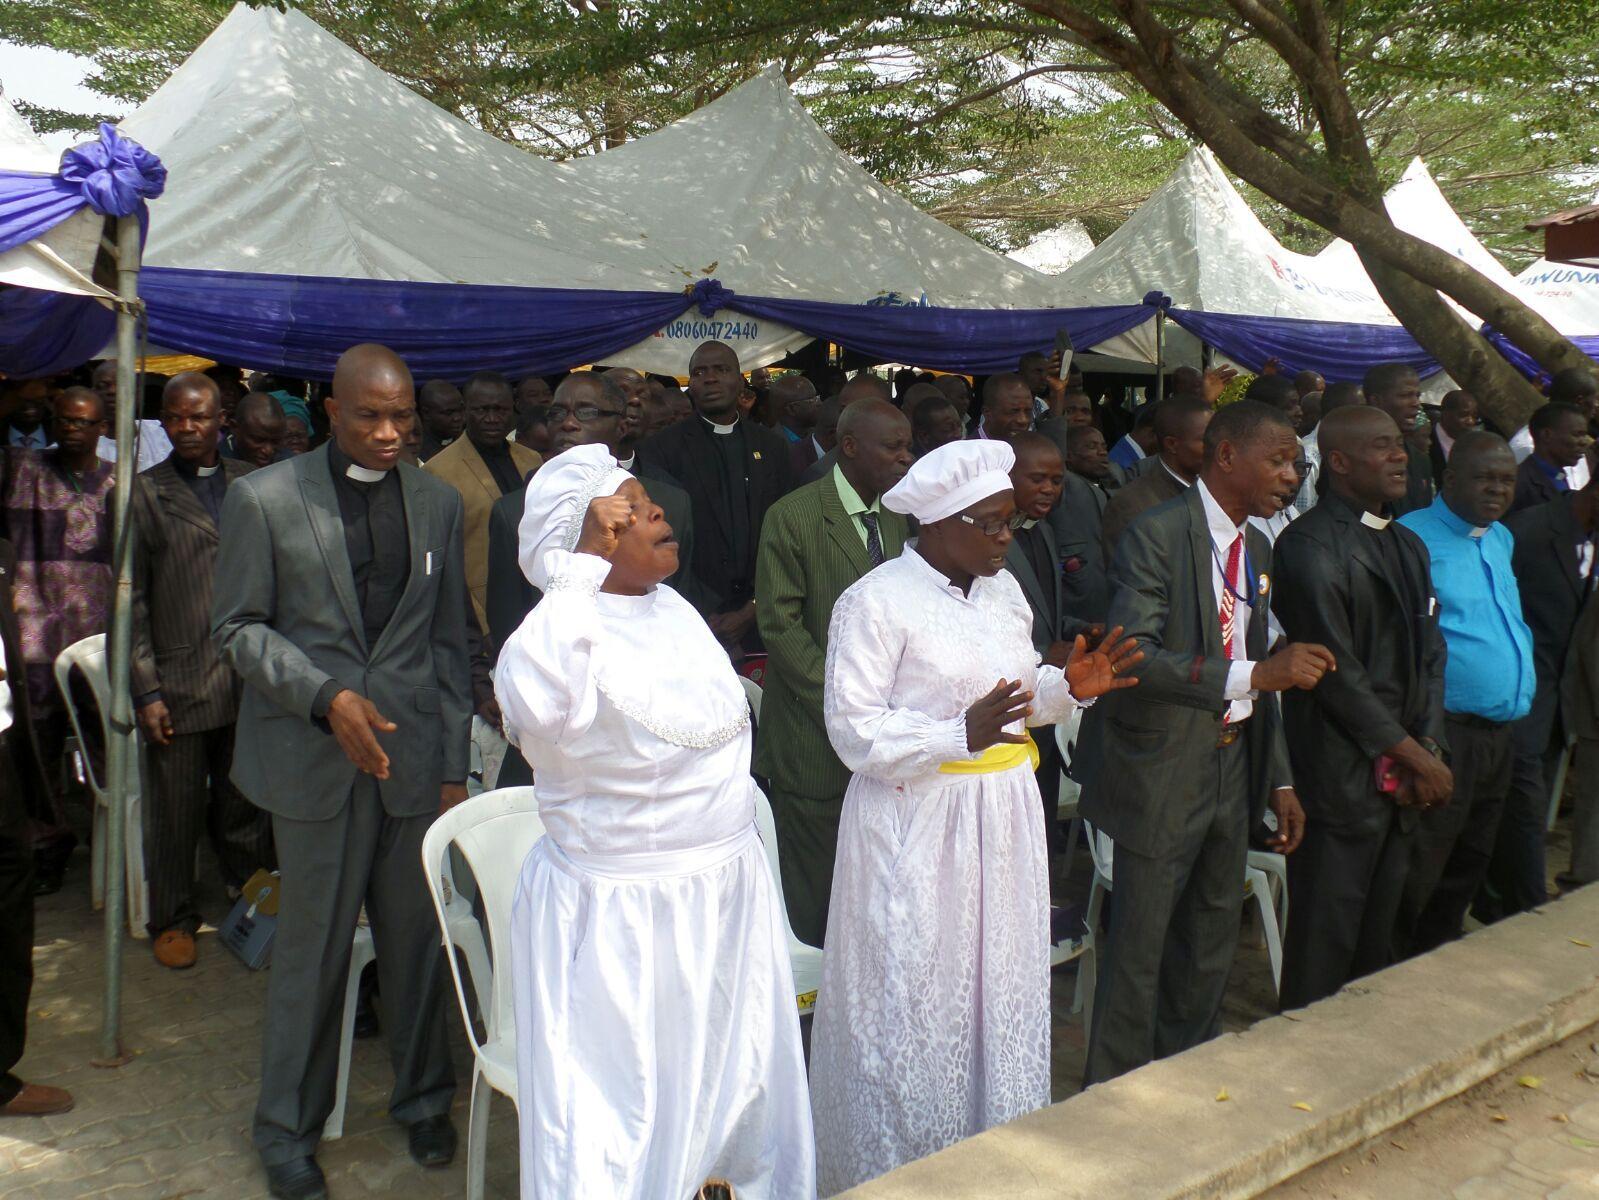 Governor Ayodele Fayose of Ekiti State holds prayer meeting with clergymen in Ado Ekiti, December 22, 2015 | Ekiti Gov't Photo